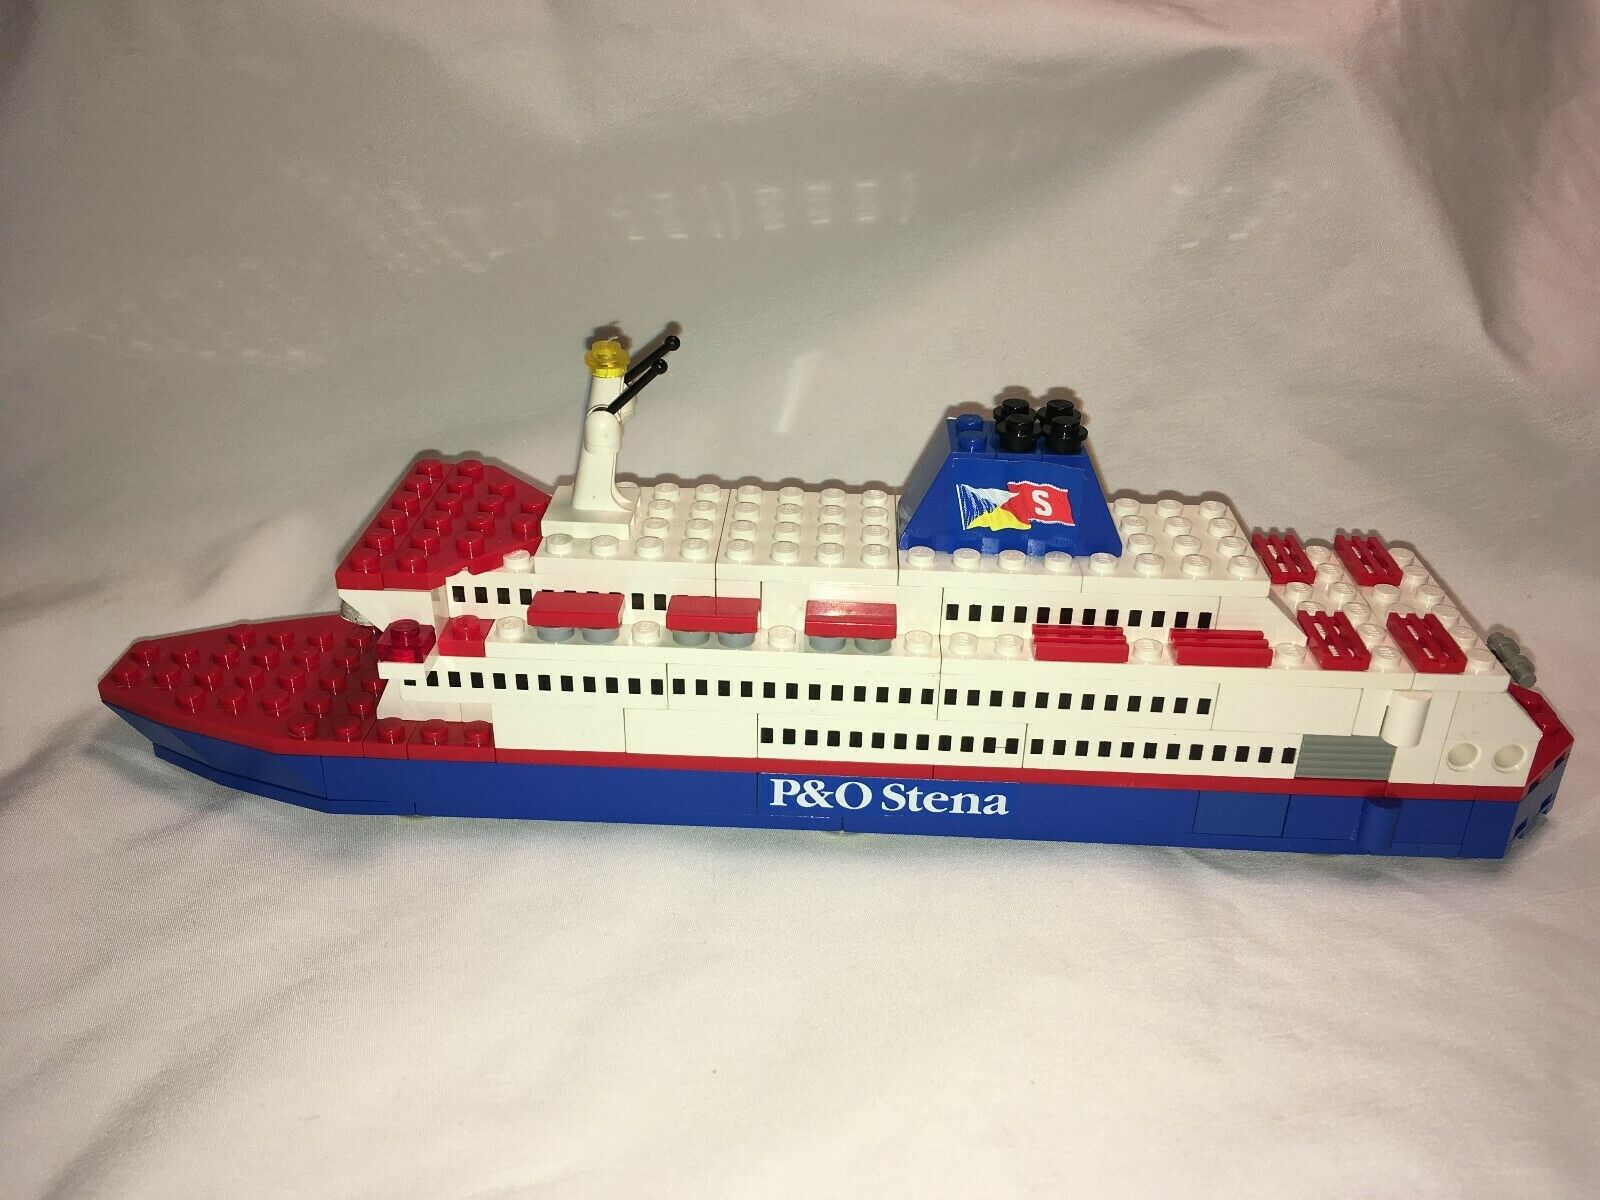 Lego 1054 ferry P&O Stena Line rare boat ship